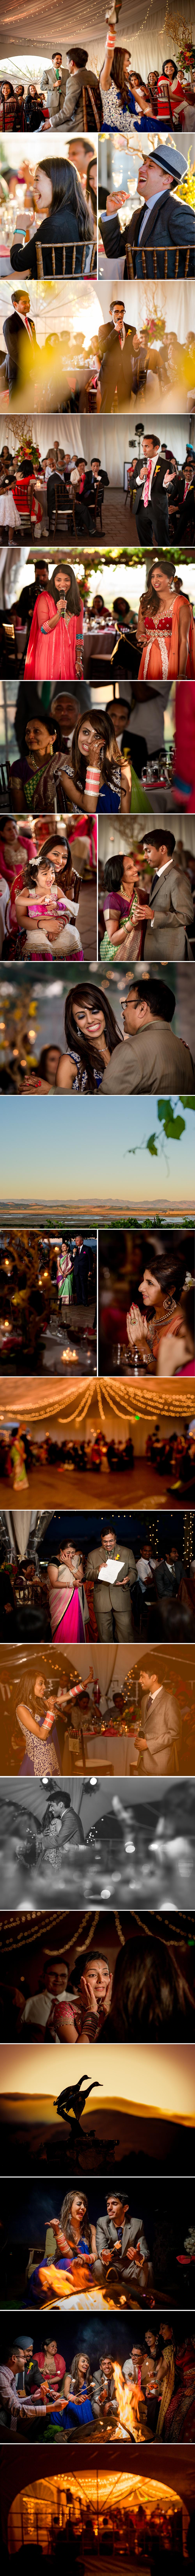 Viansa Winery Wedding 6